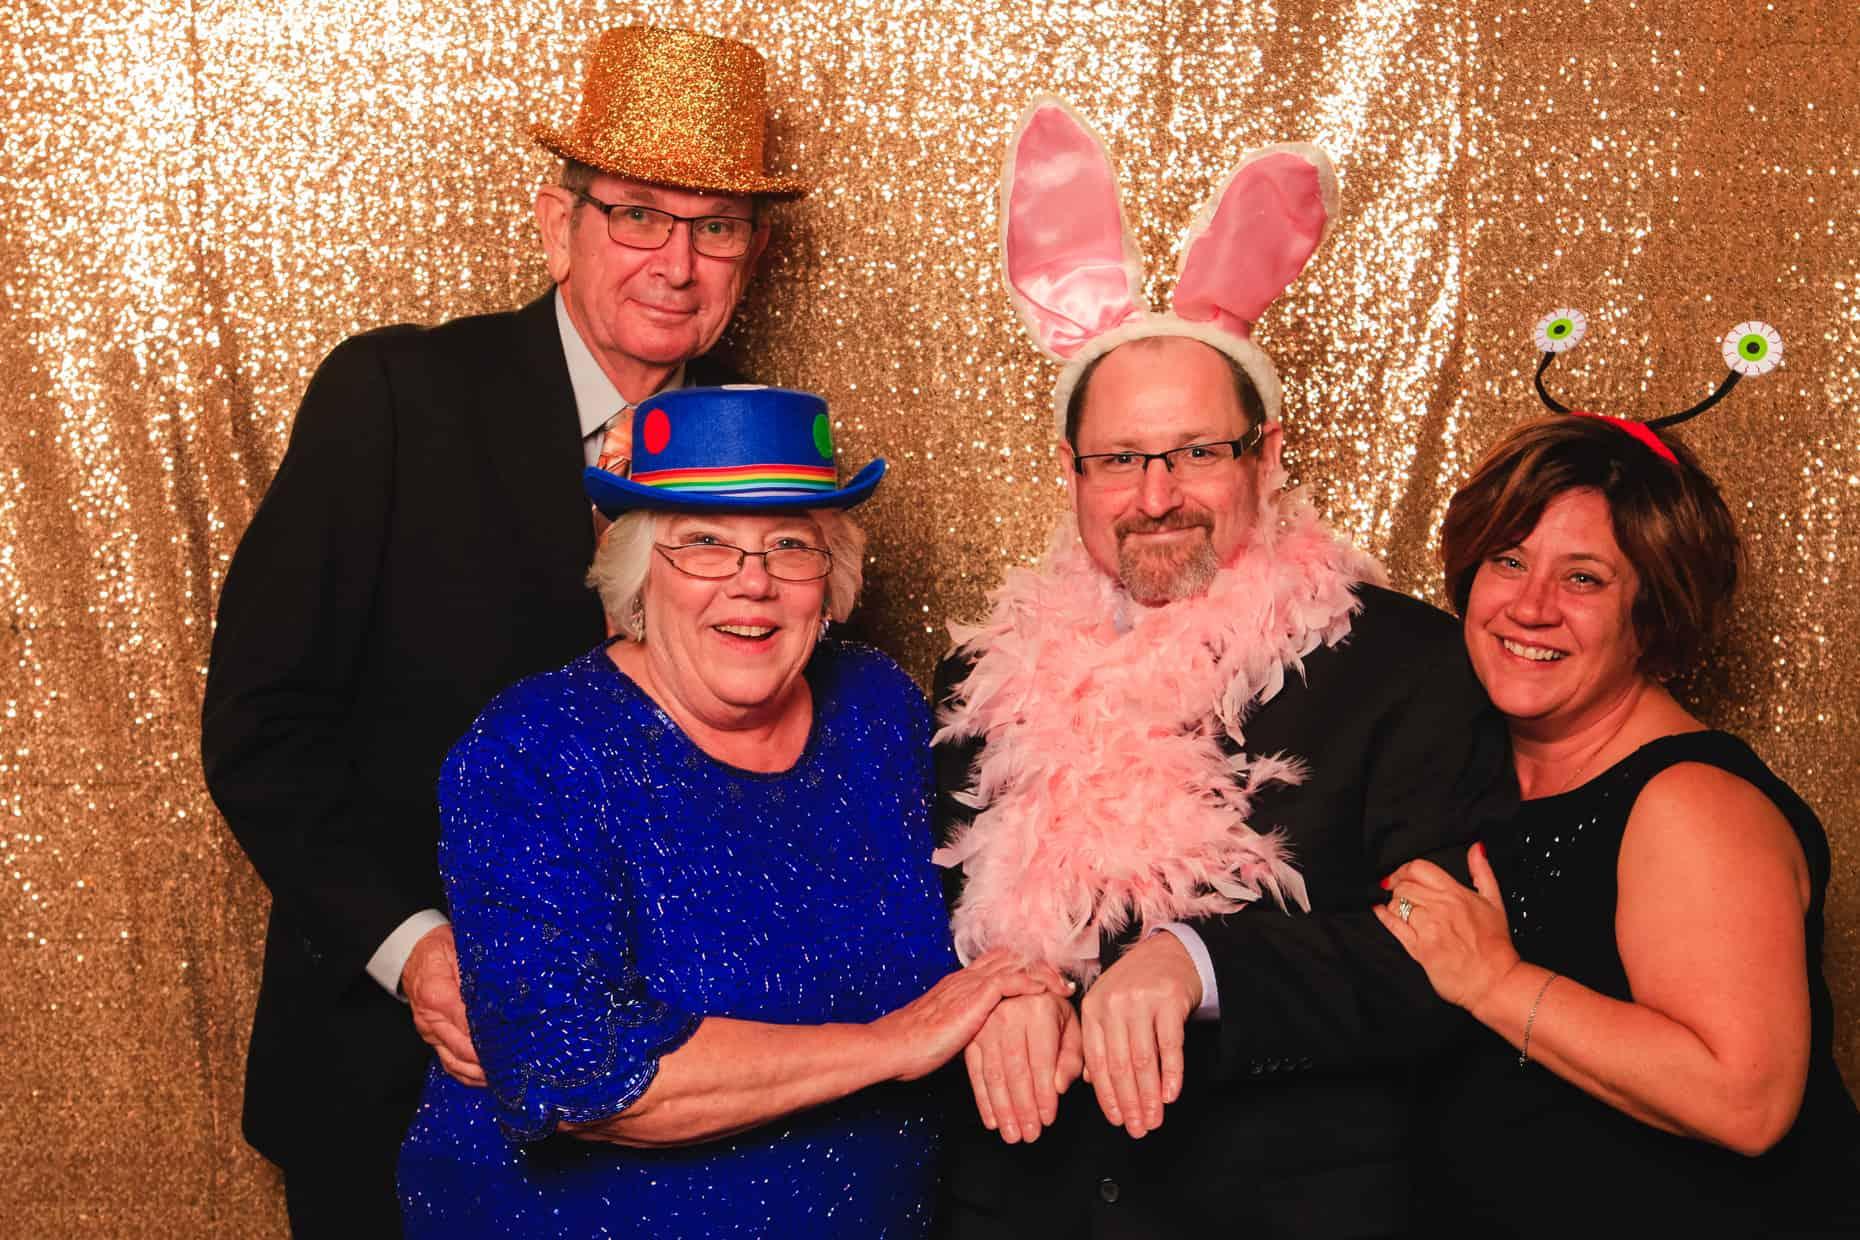 Philadelphia Wedding Photo Booth